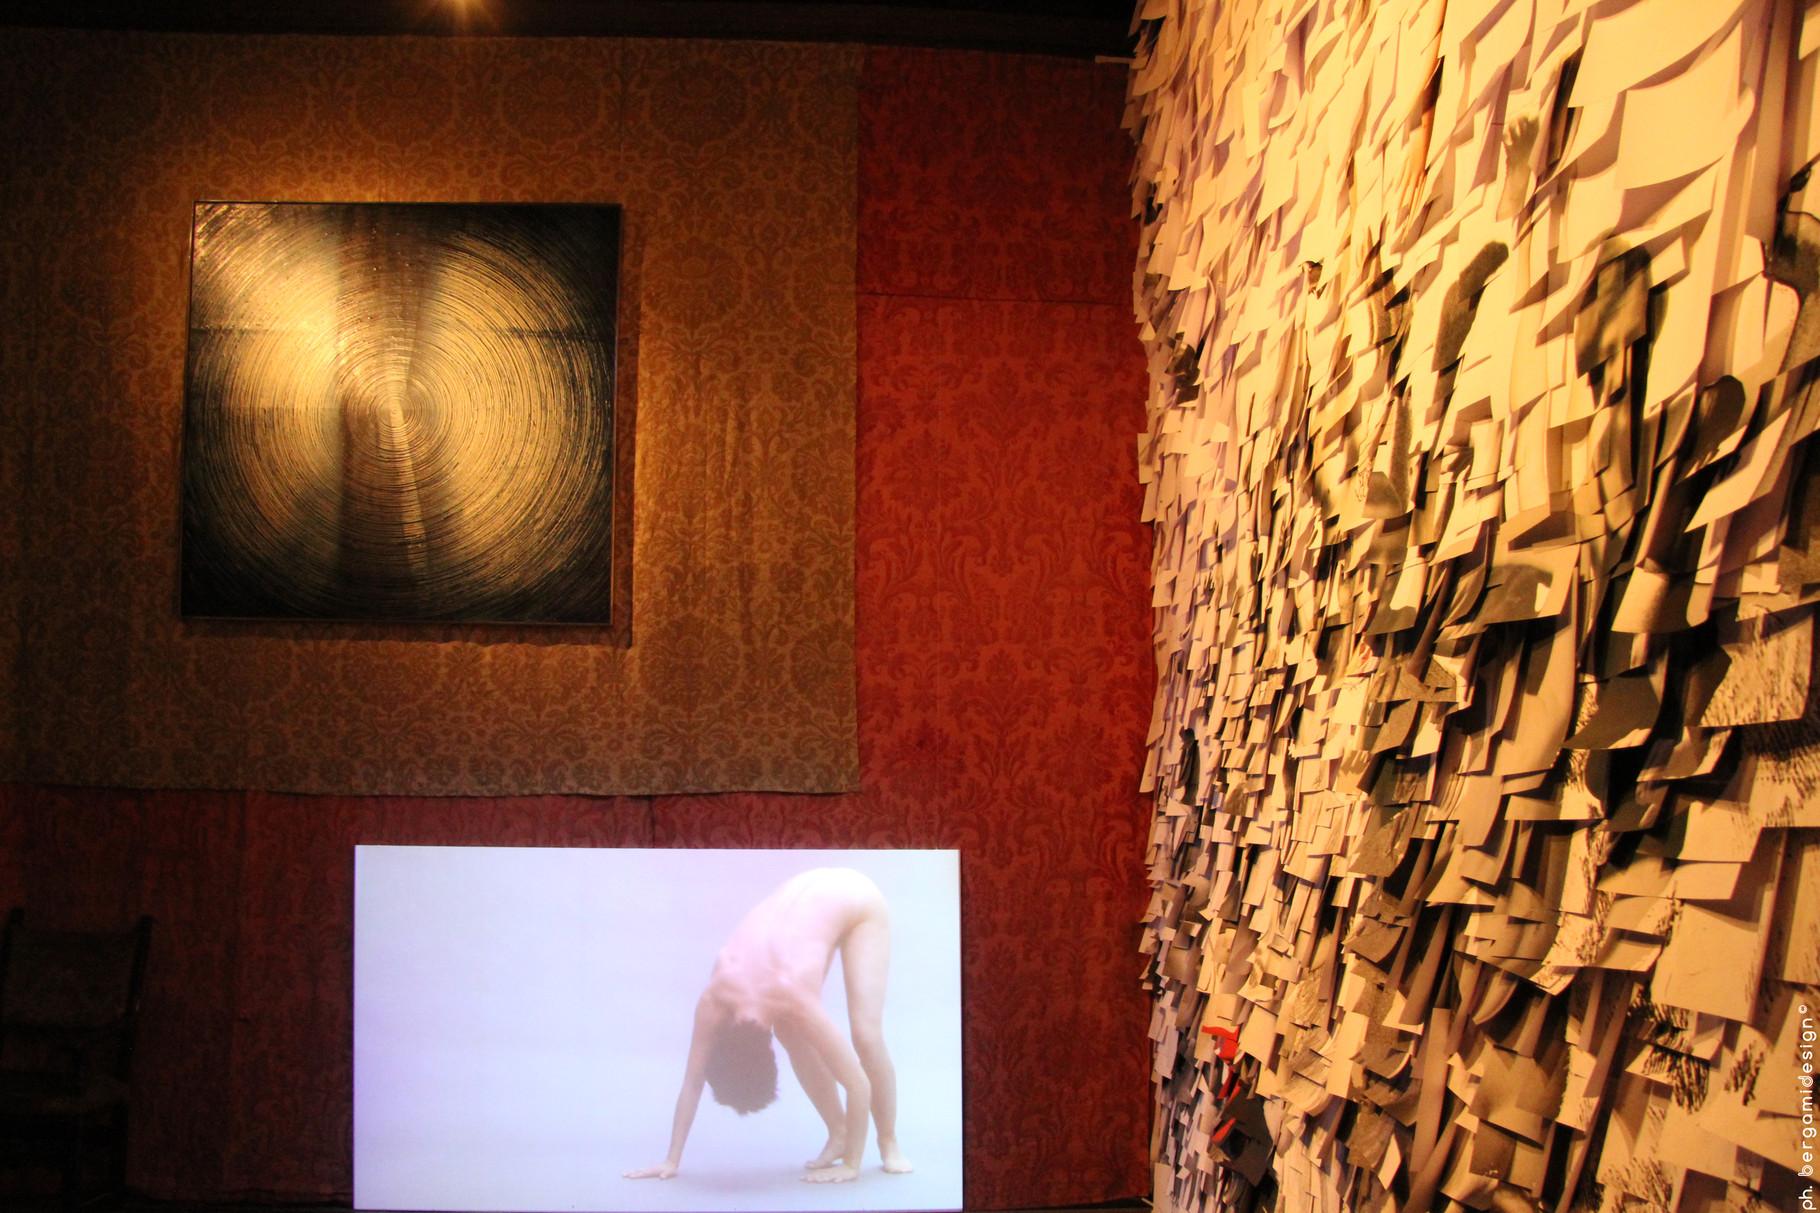 Panoramica della sala dedicata alla proporzioni del corpo umano